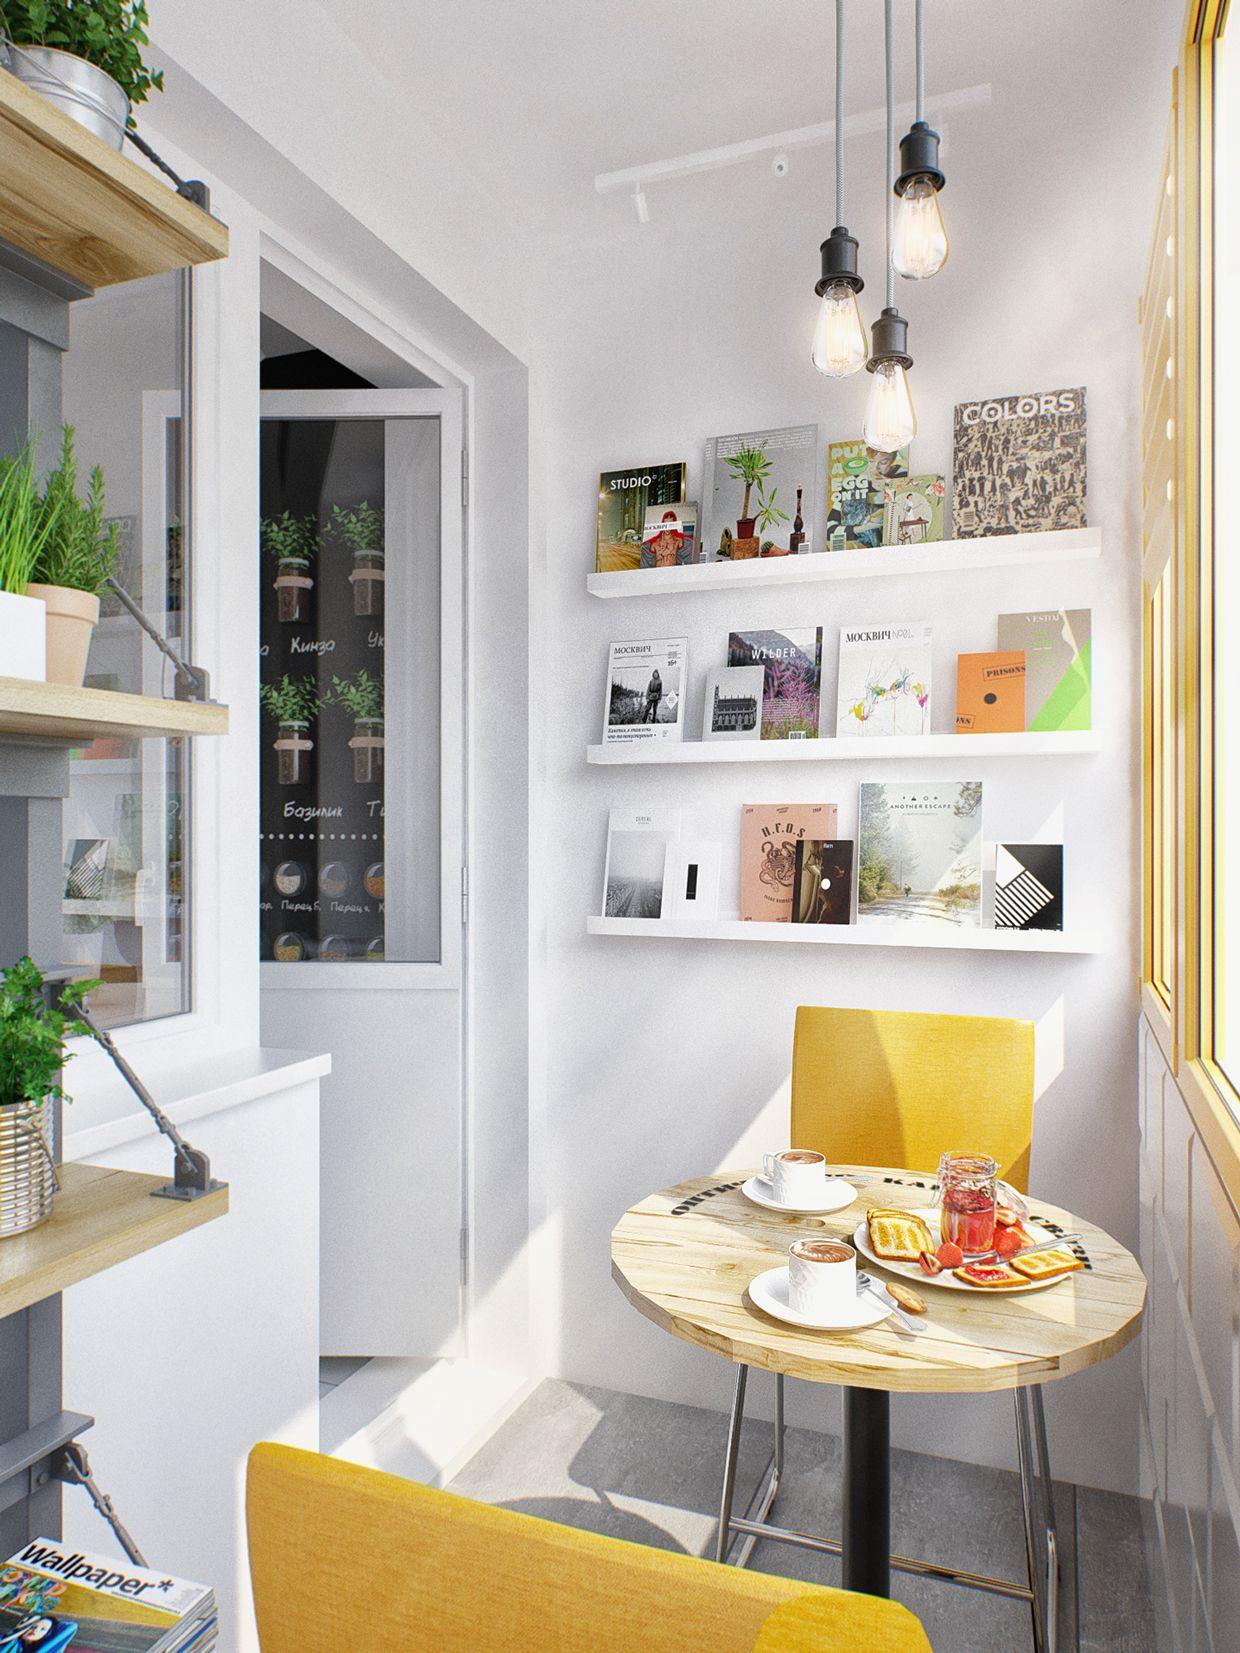 Entzuckend Kleine Wohnung Modern Und Funktionell Einrichten